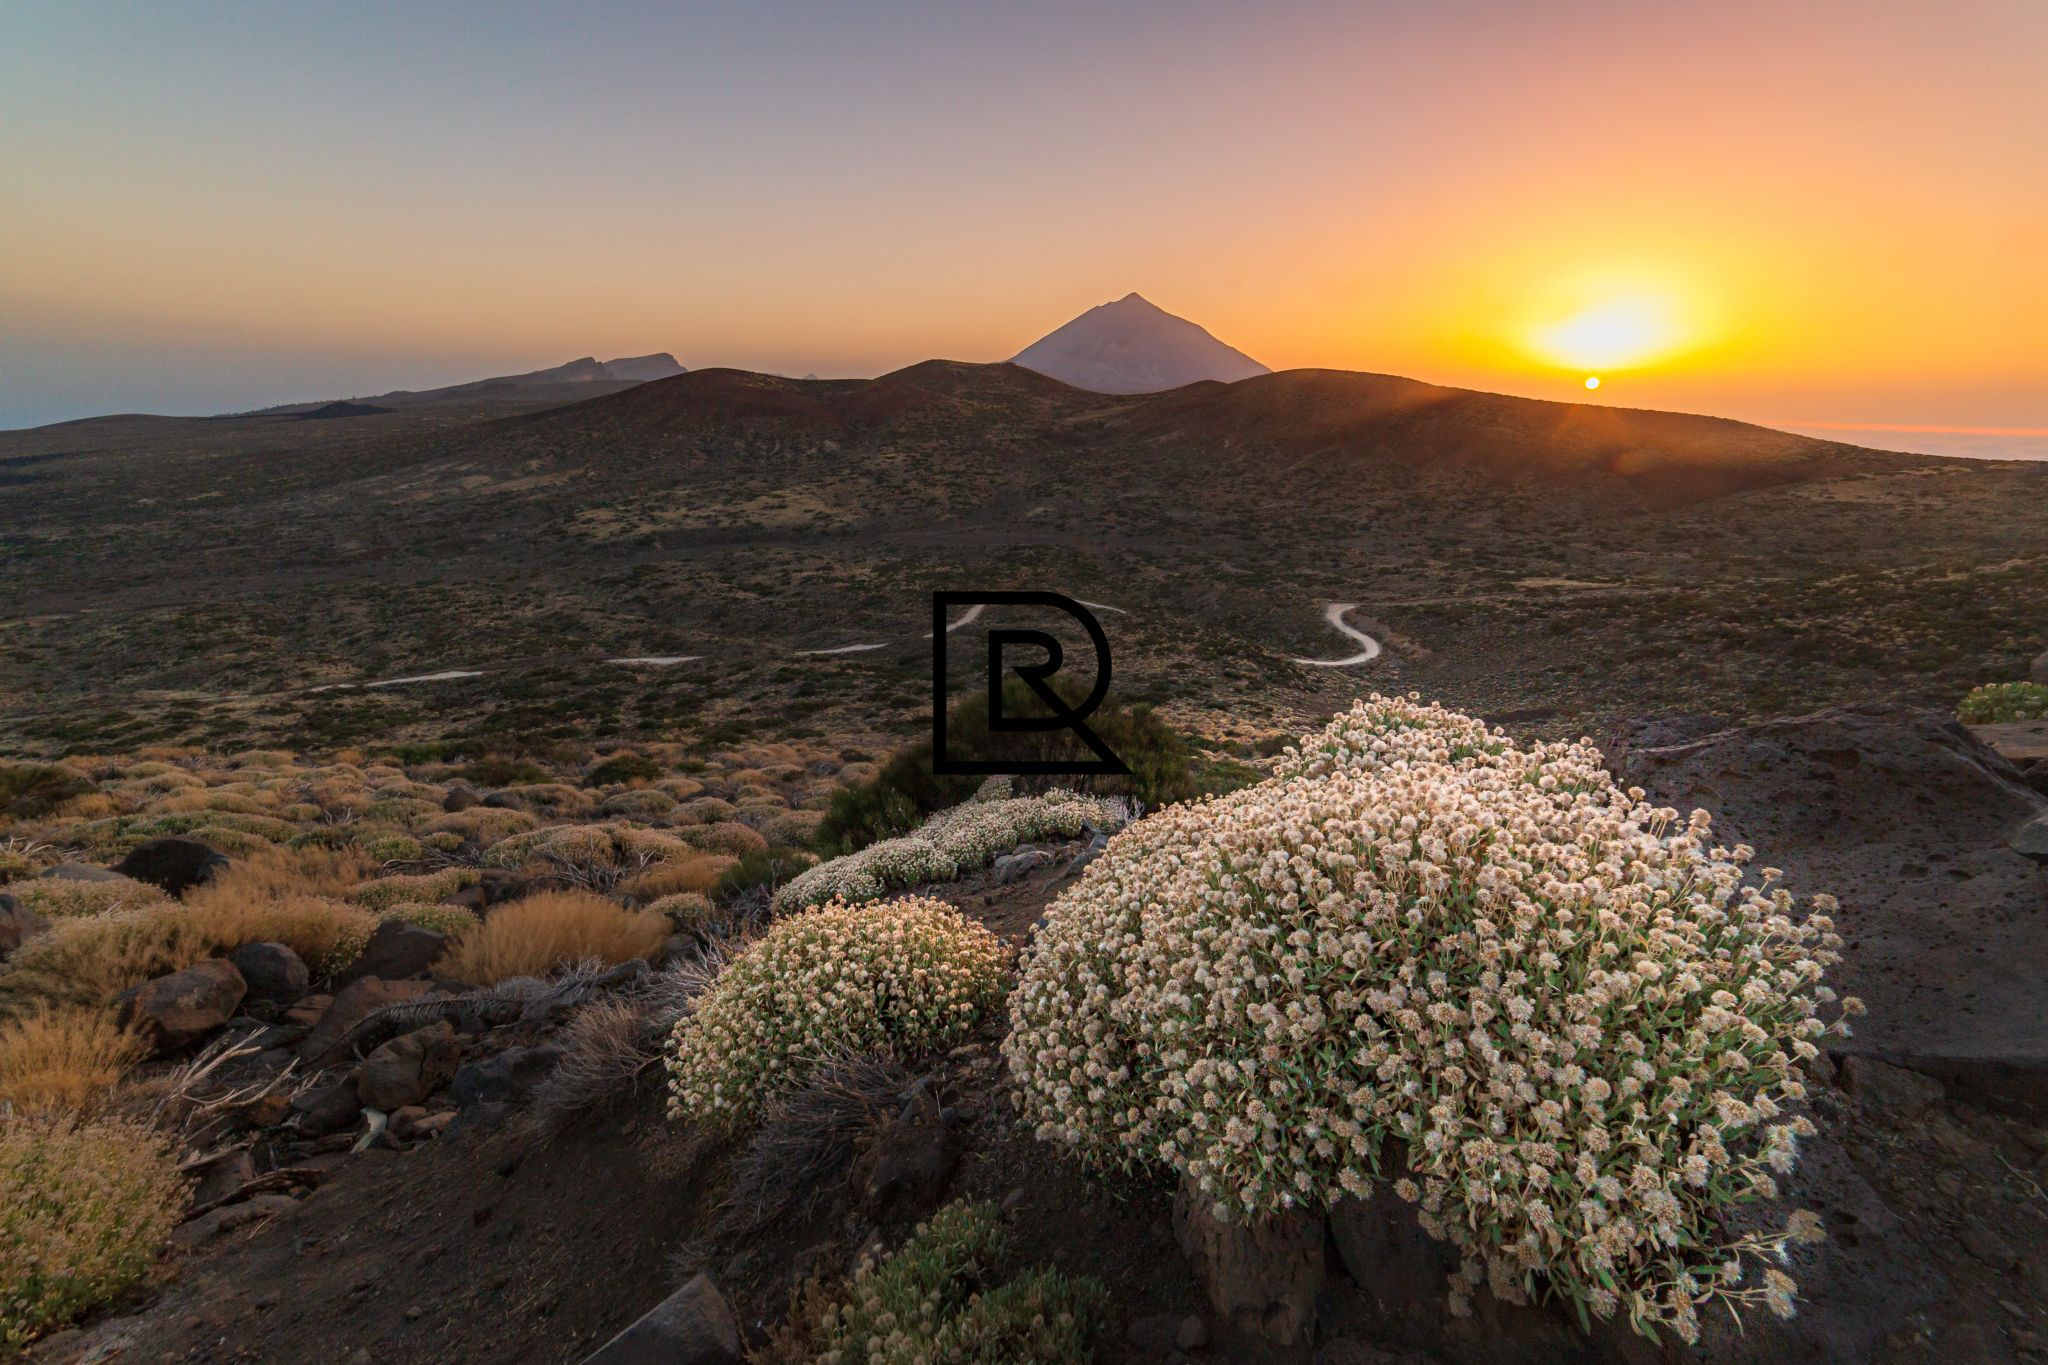 El Teide, Spain